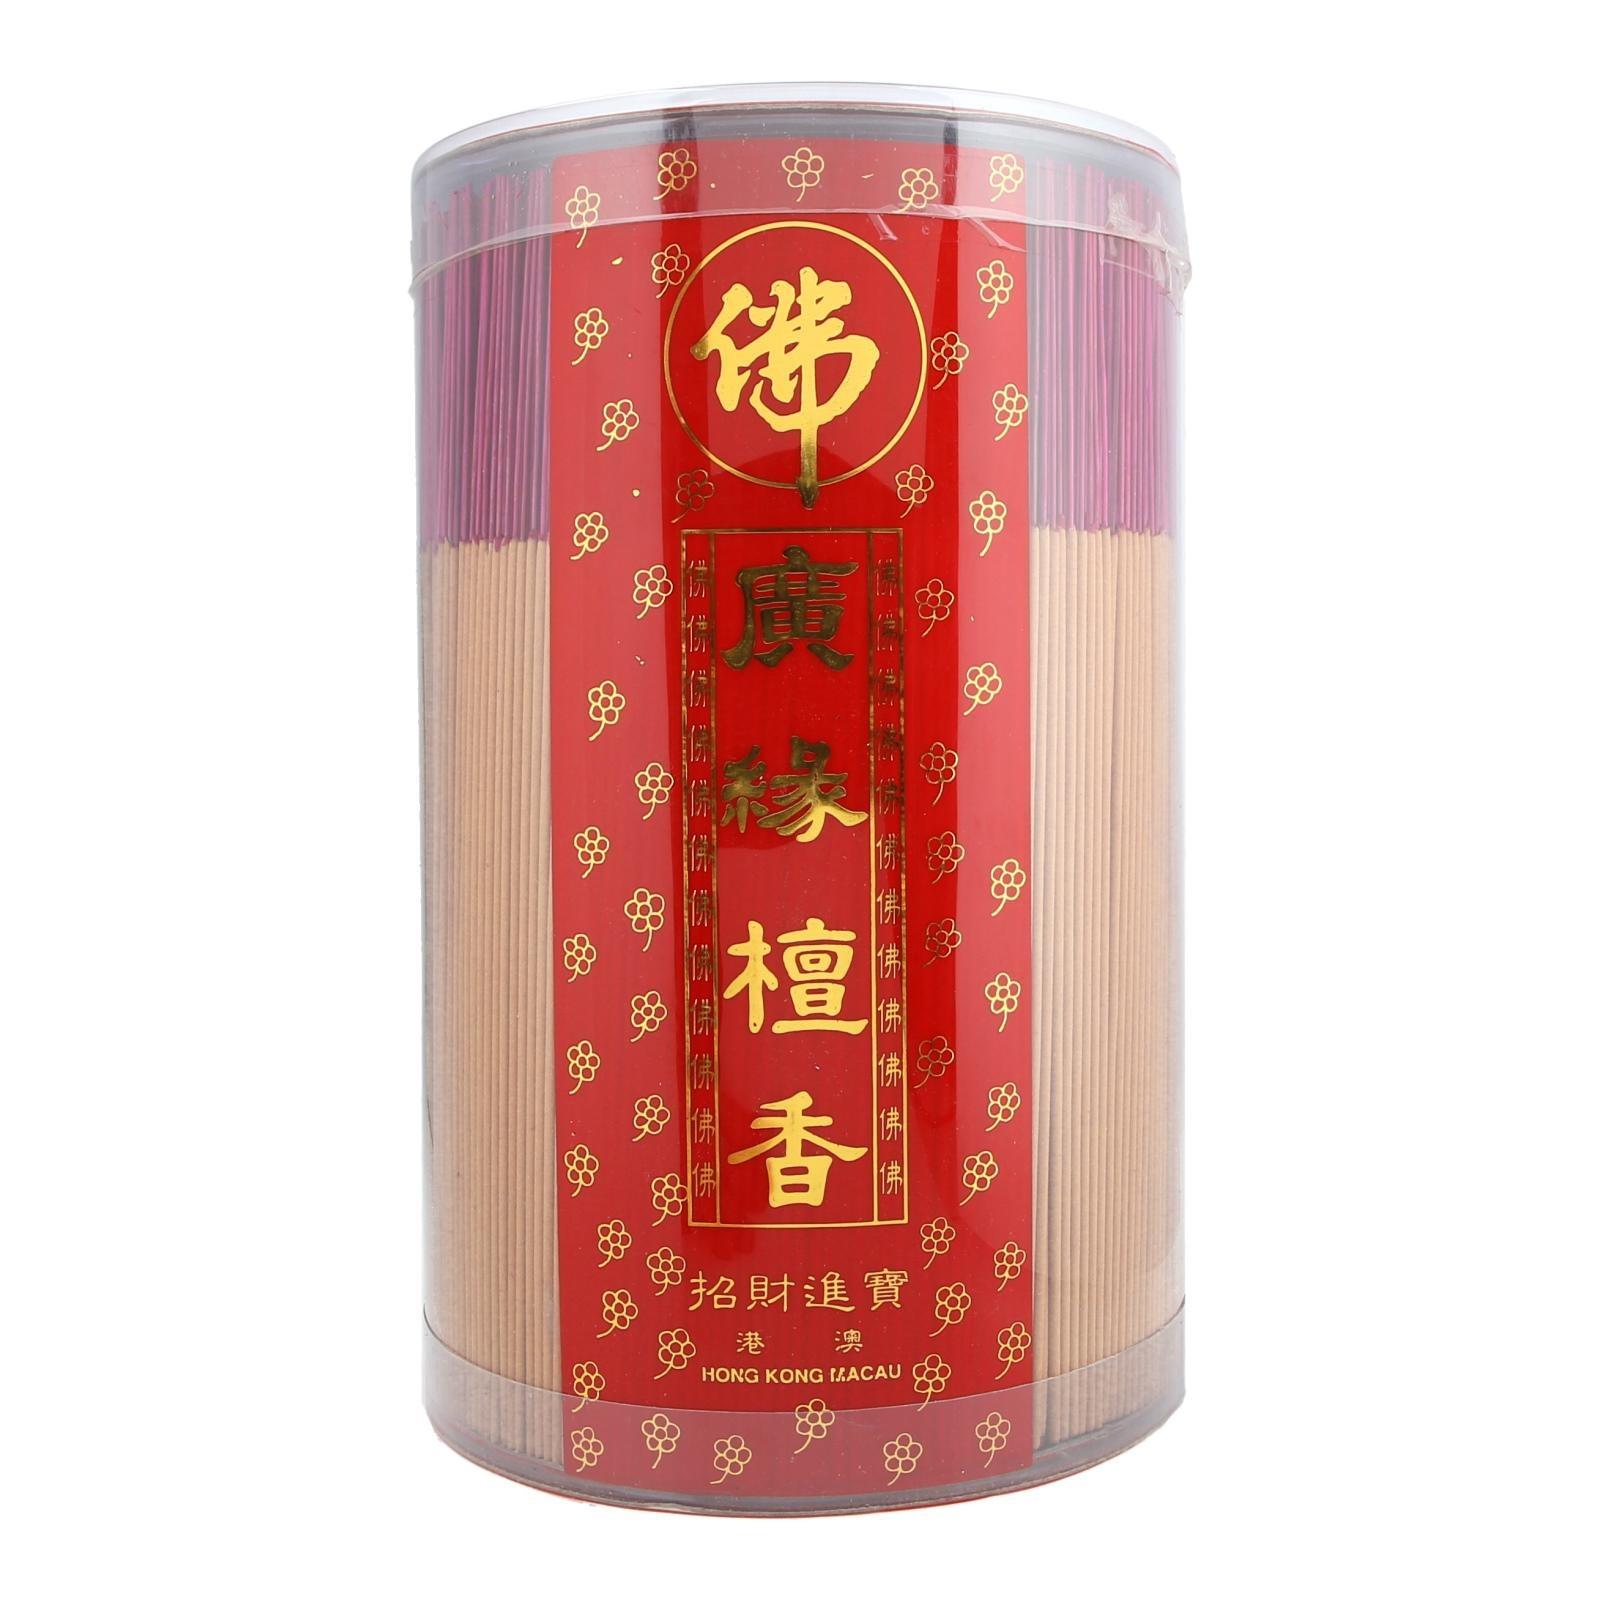 Kwong Fat Loong KKY4 8.8 6kg GY Joss Sticks - Kim Zua